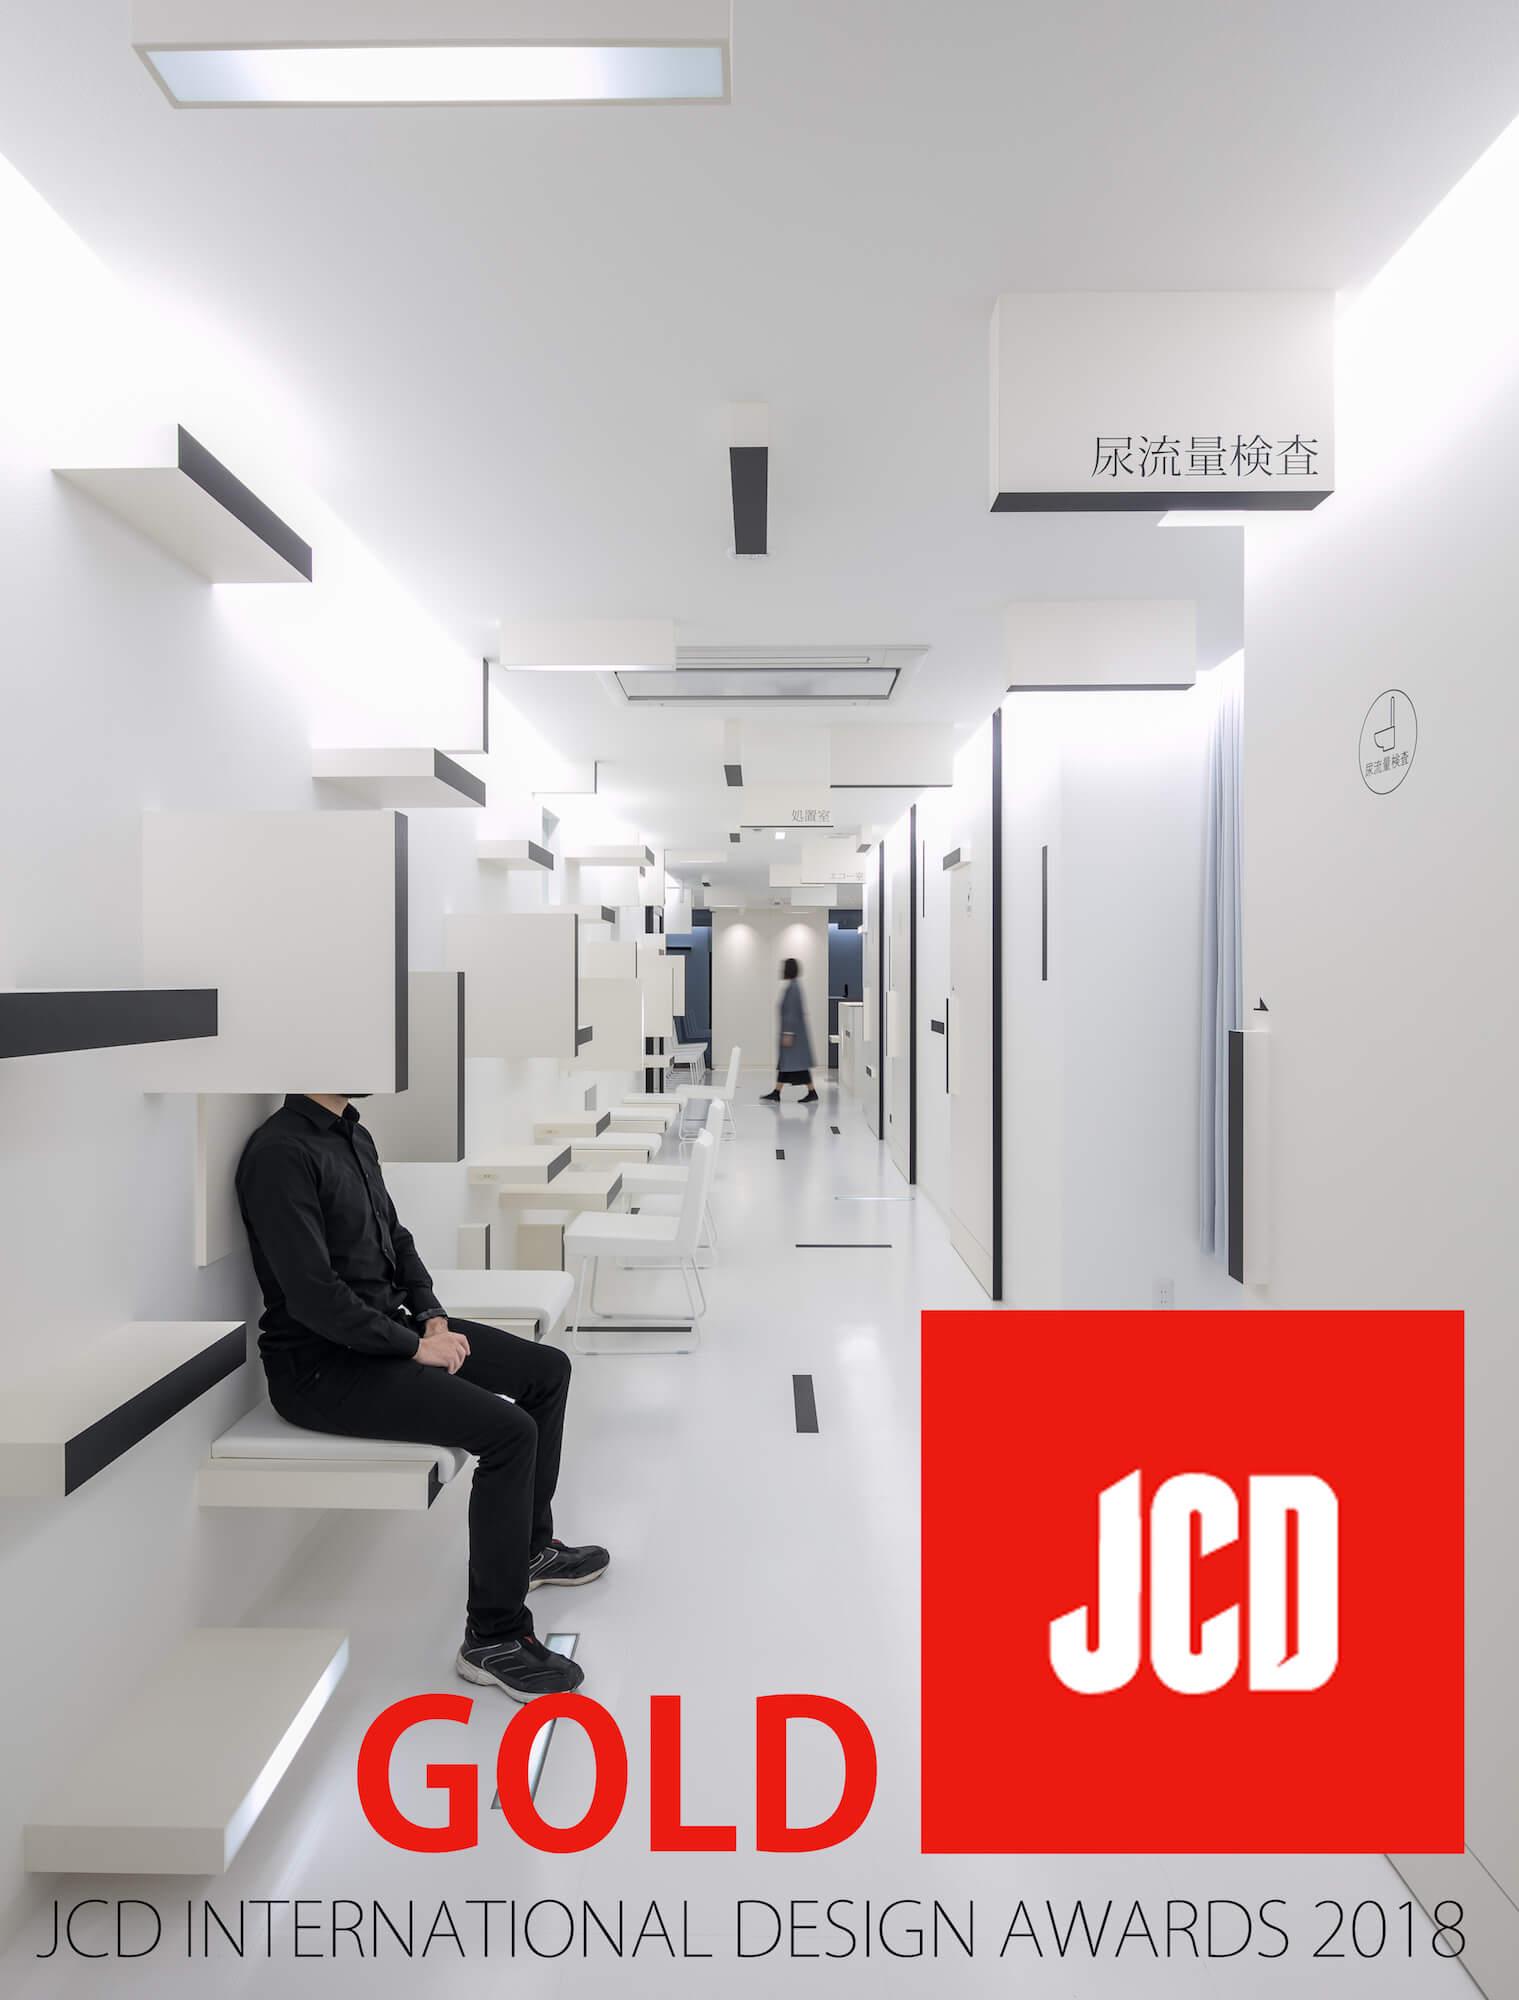 JCD gold